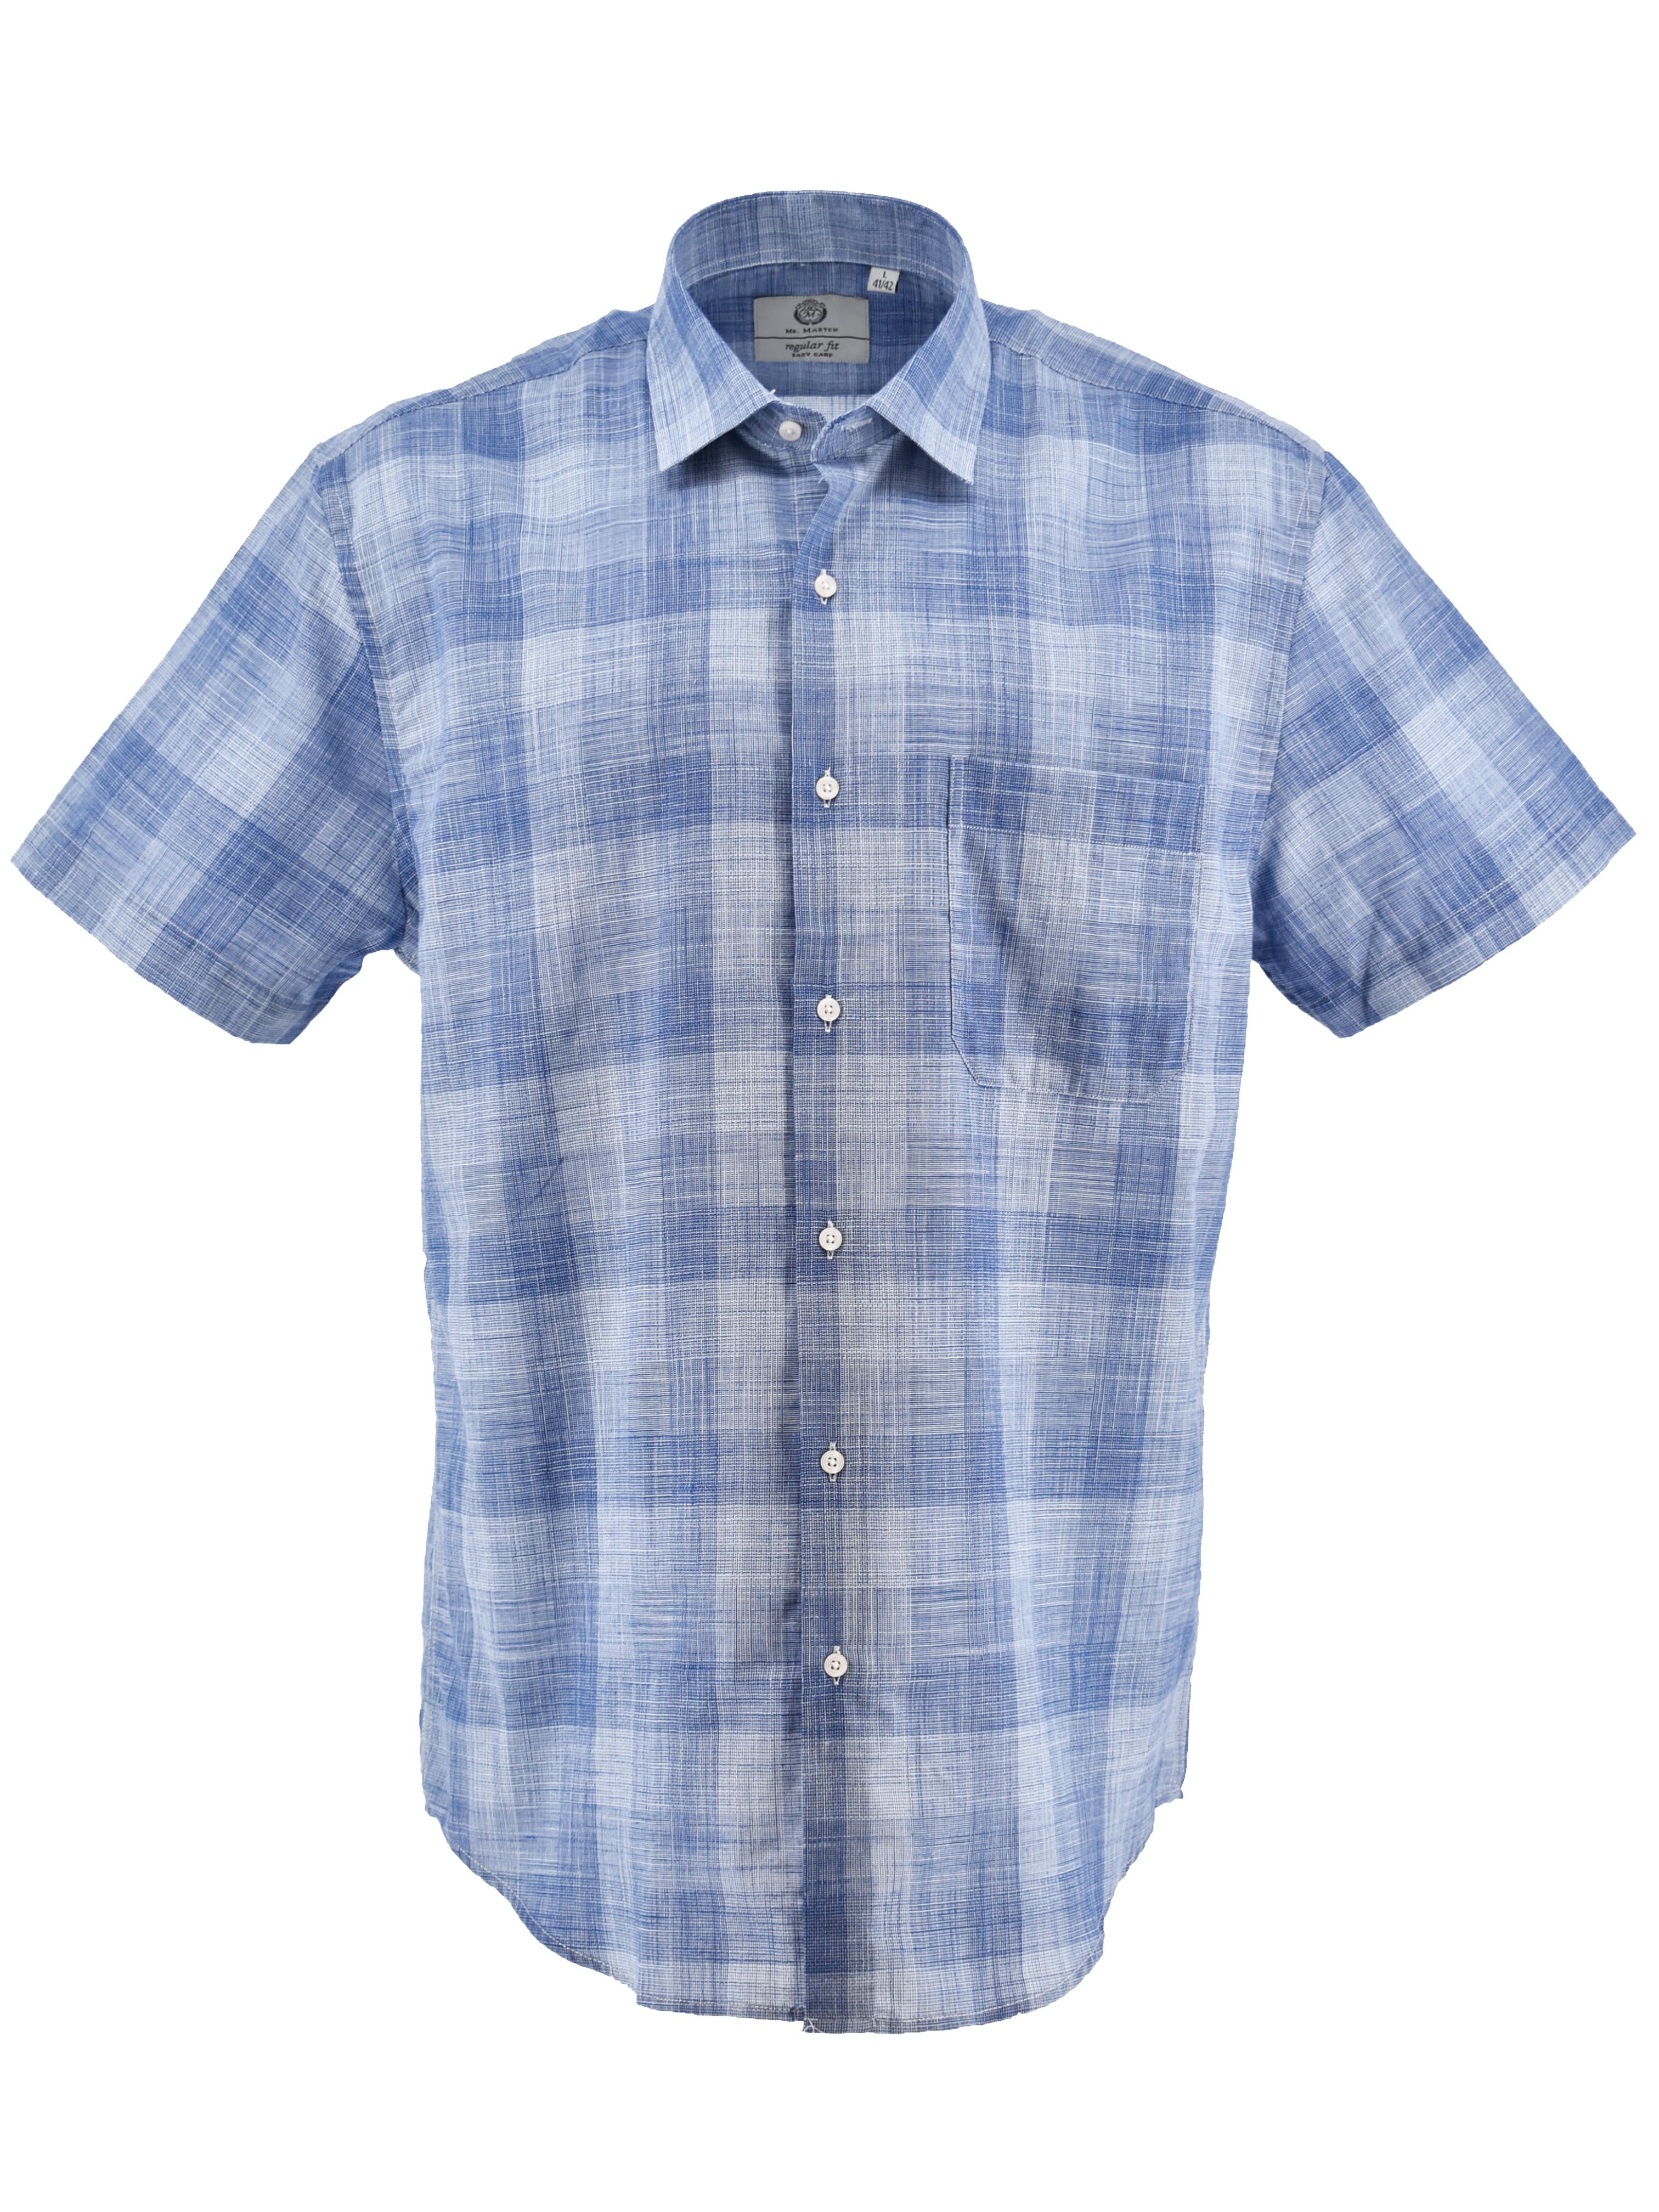 Mooi blauw geruit overhemd van Mr. Marten met borstzakje op de linkerborst.